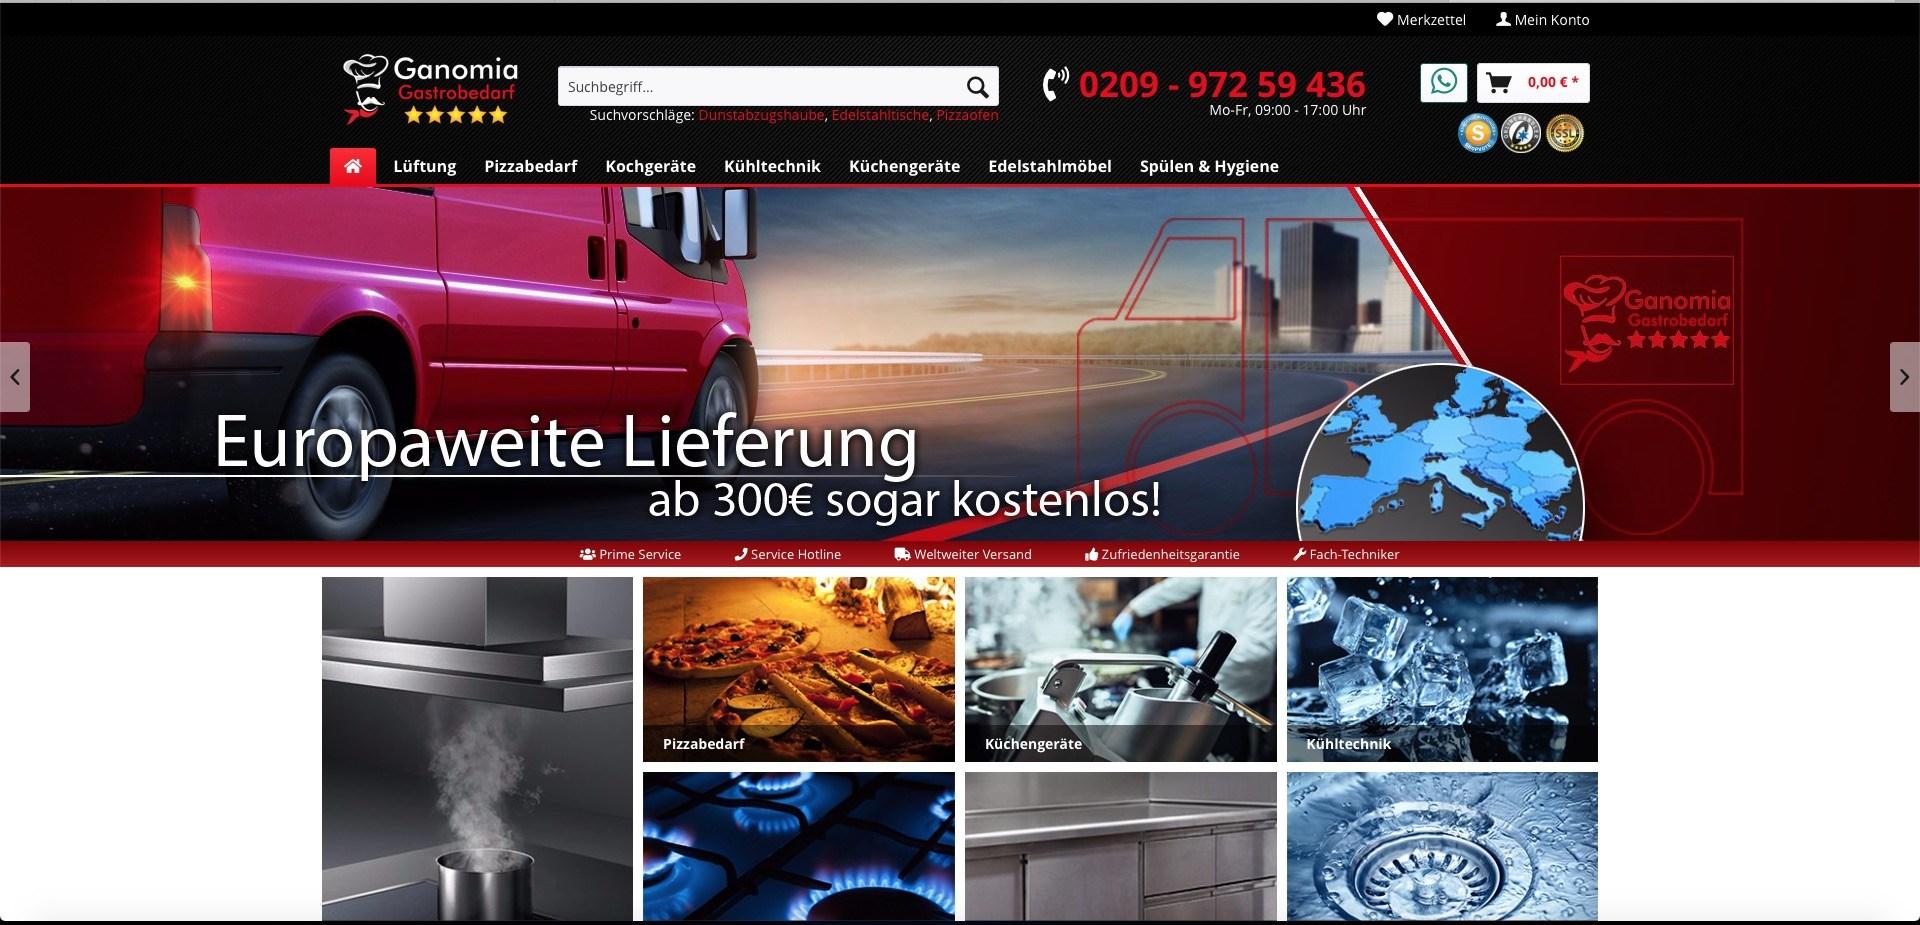 Bildschirmfoto von ganomia.de